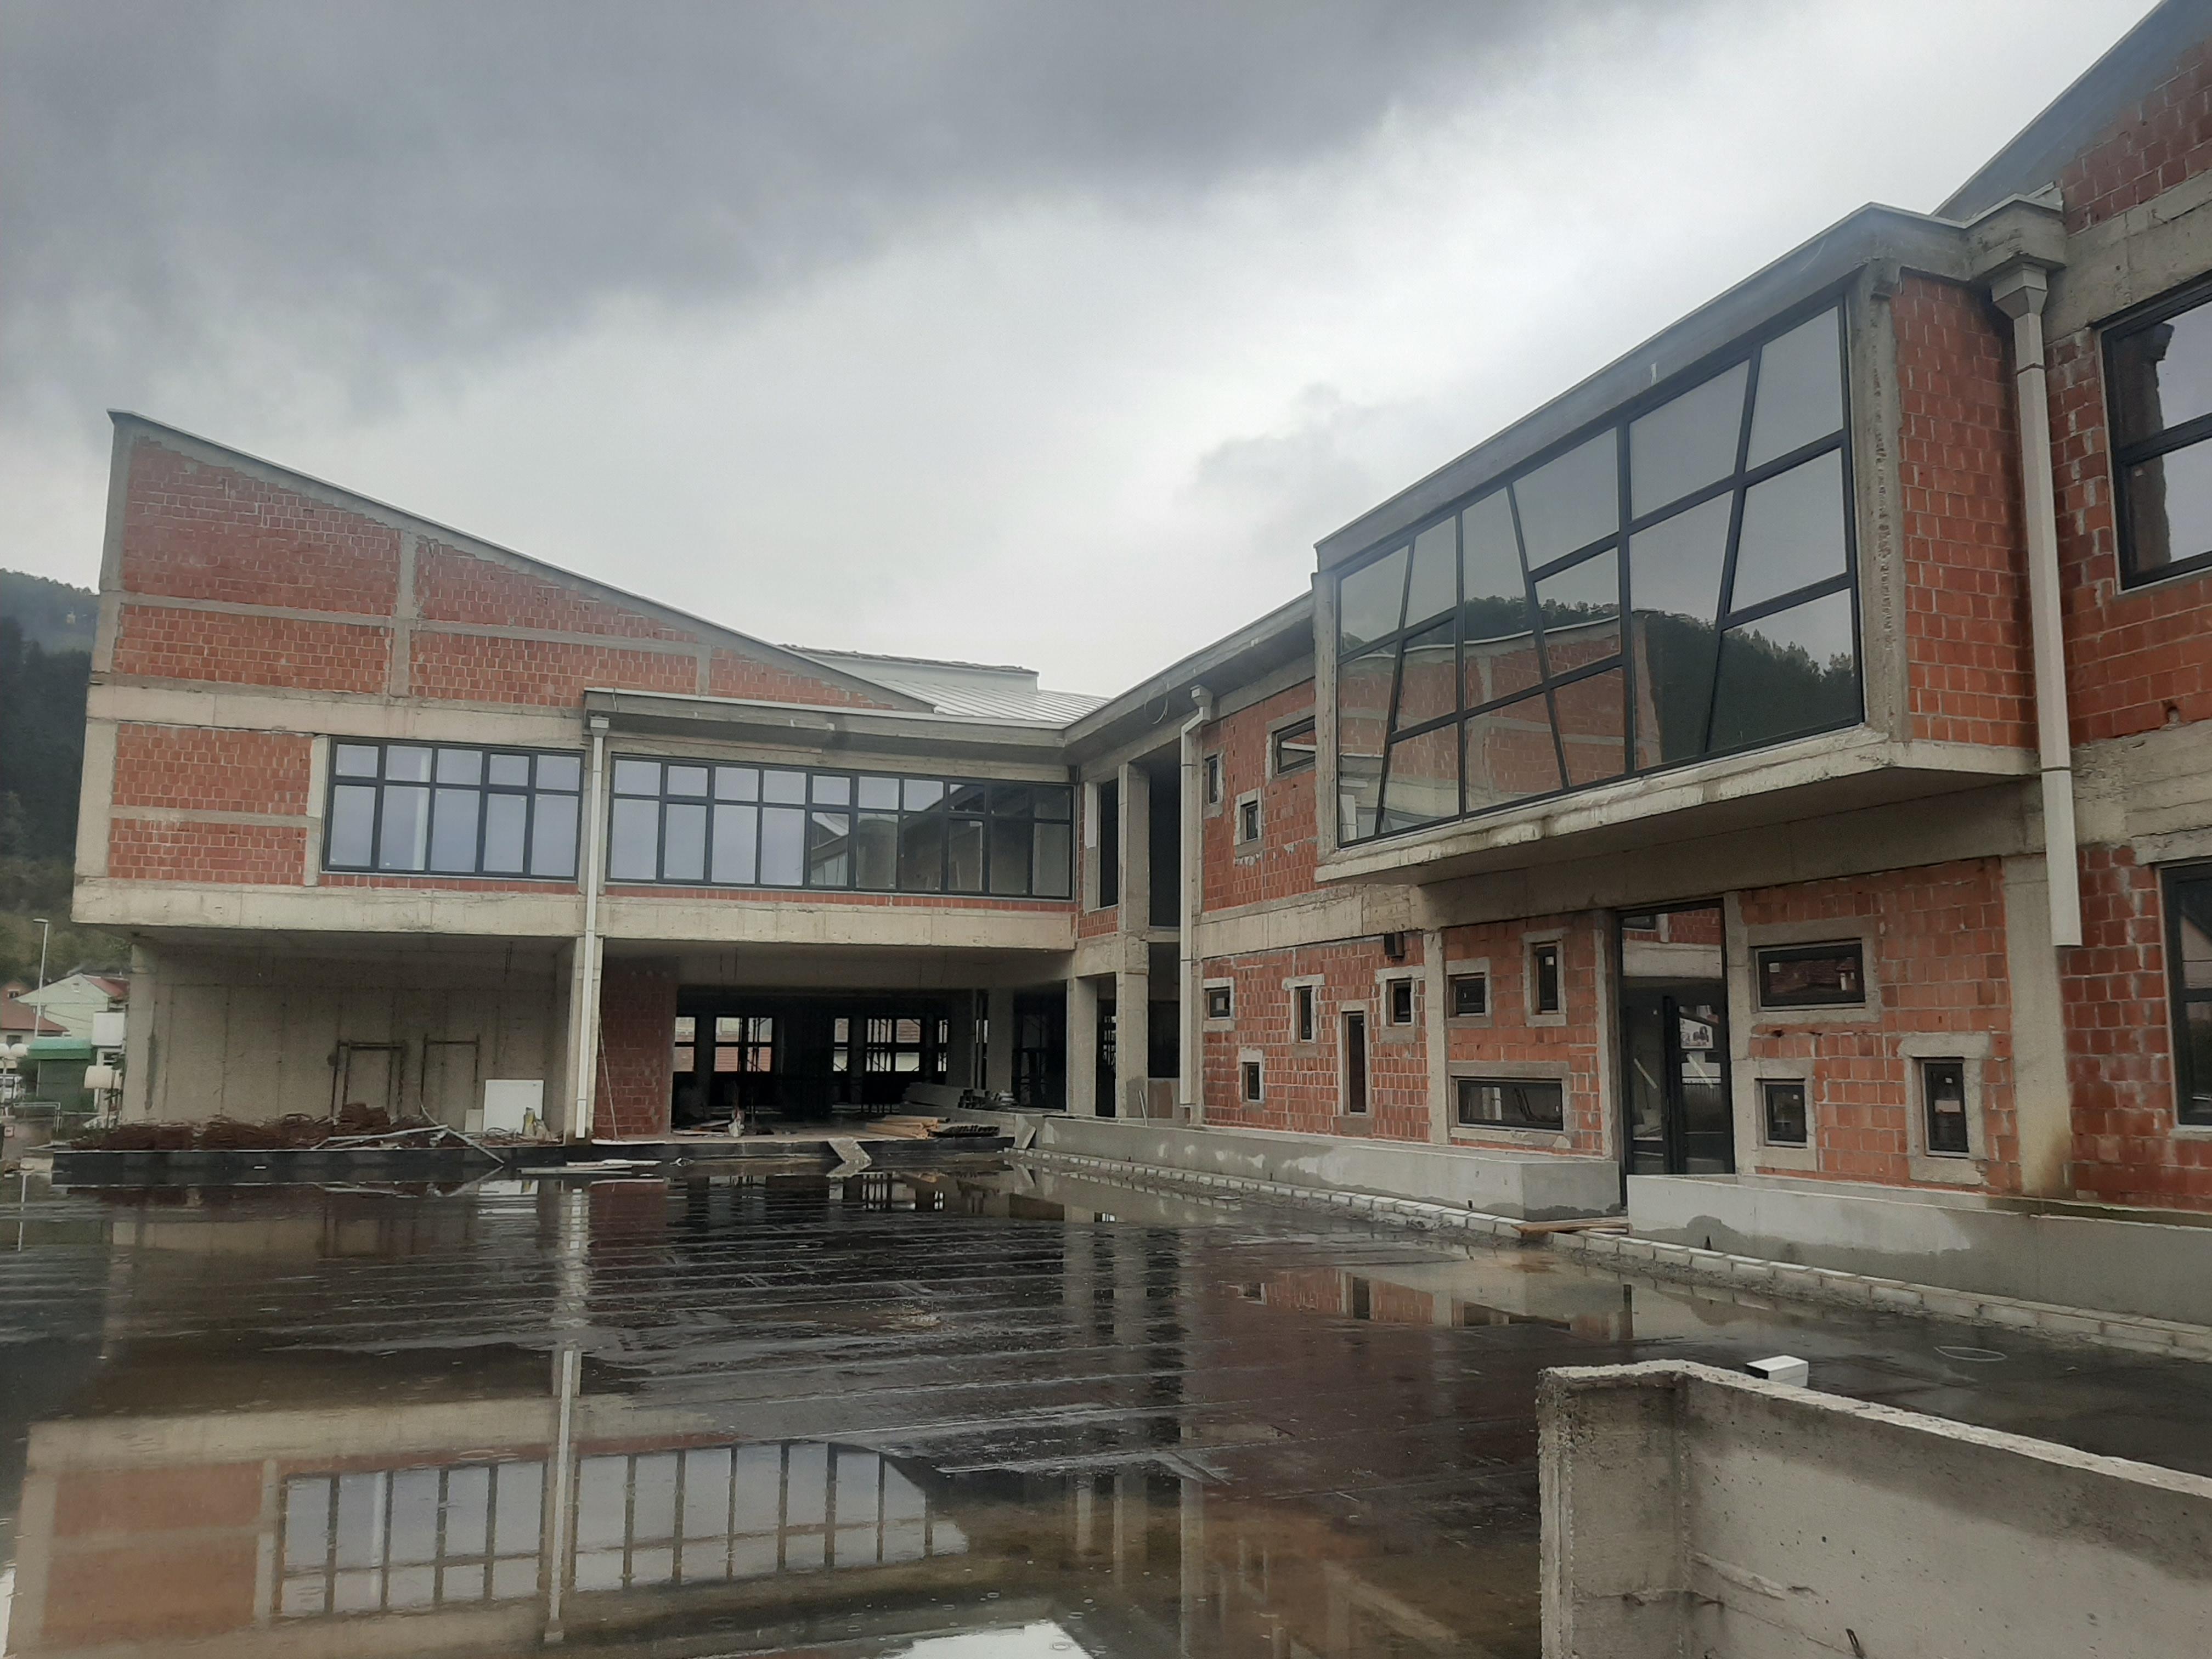 Izgradnja škole u Bijelom Polju nastavljena nakon višemjesečnog zastoja